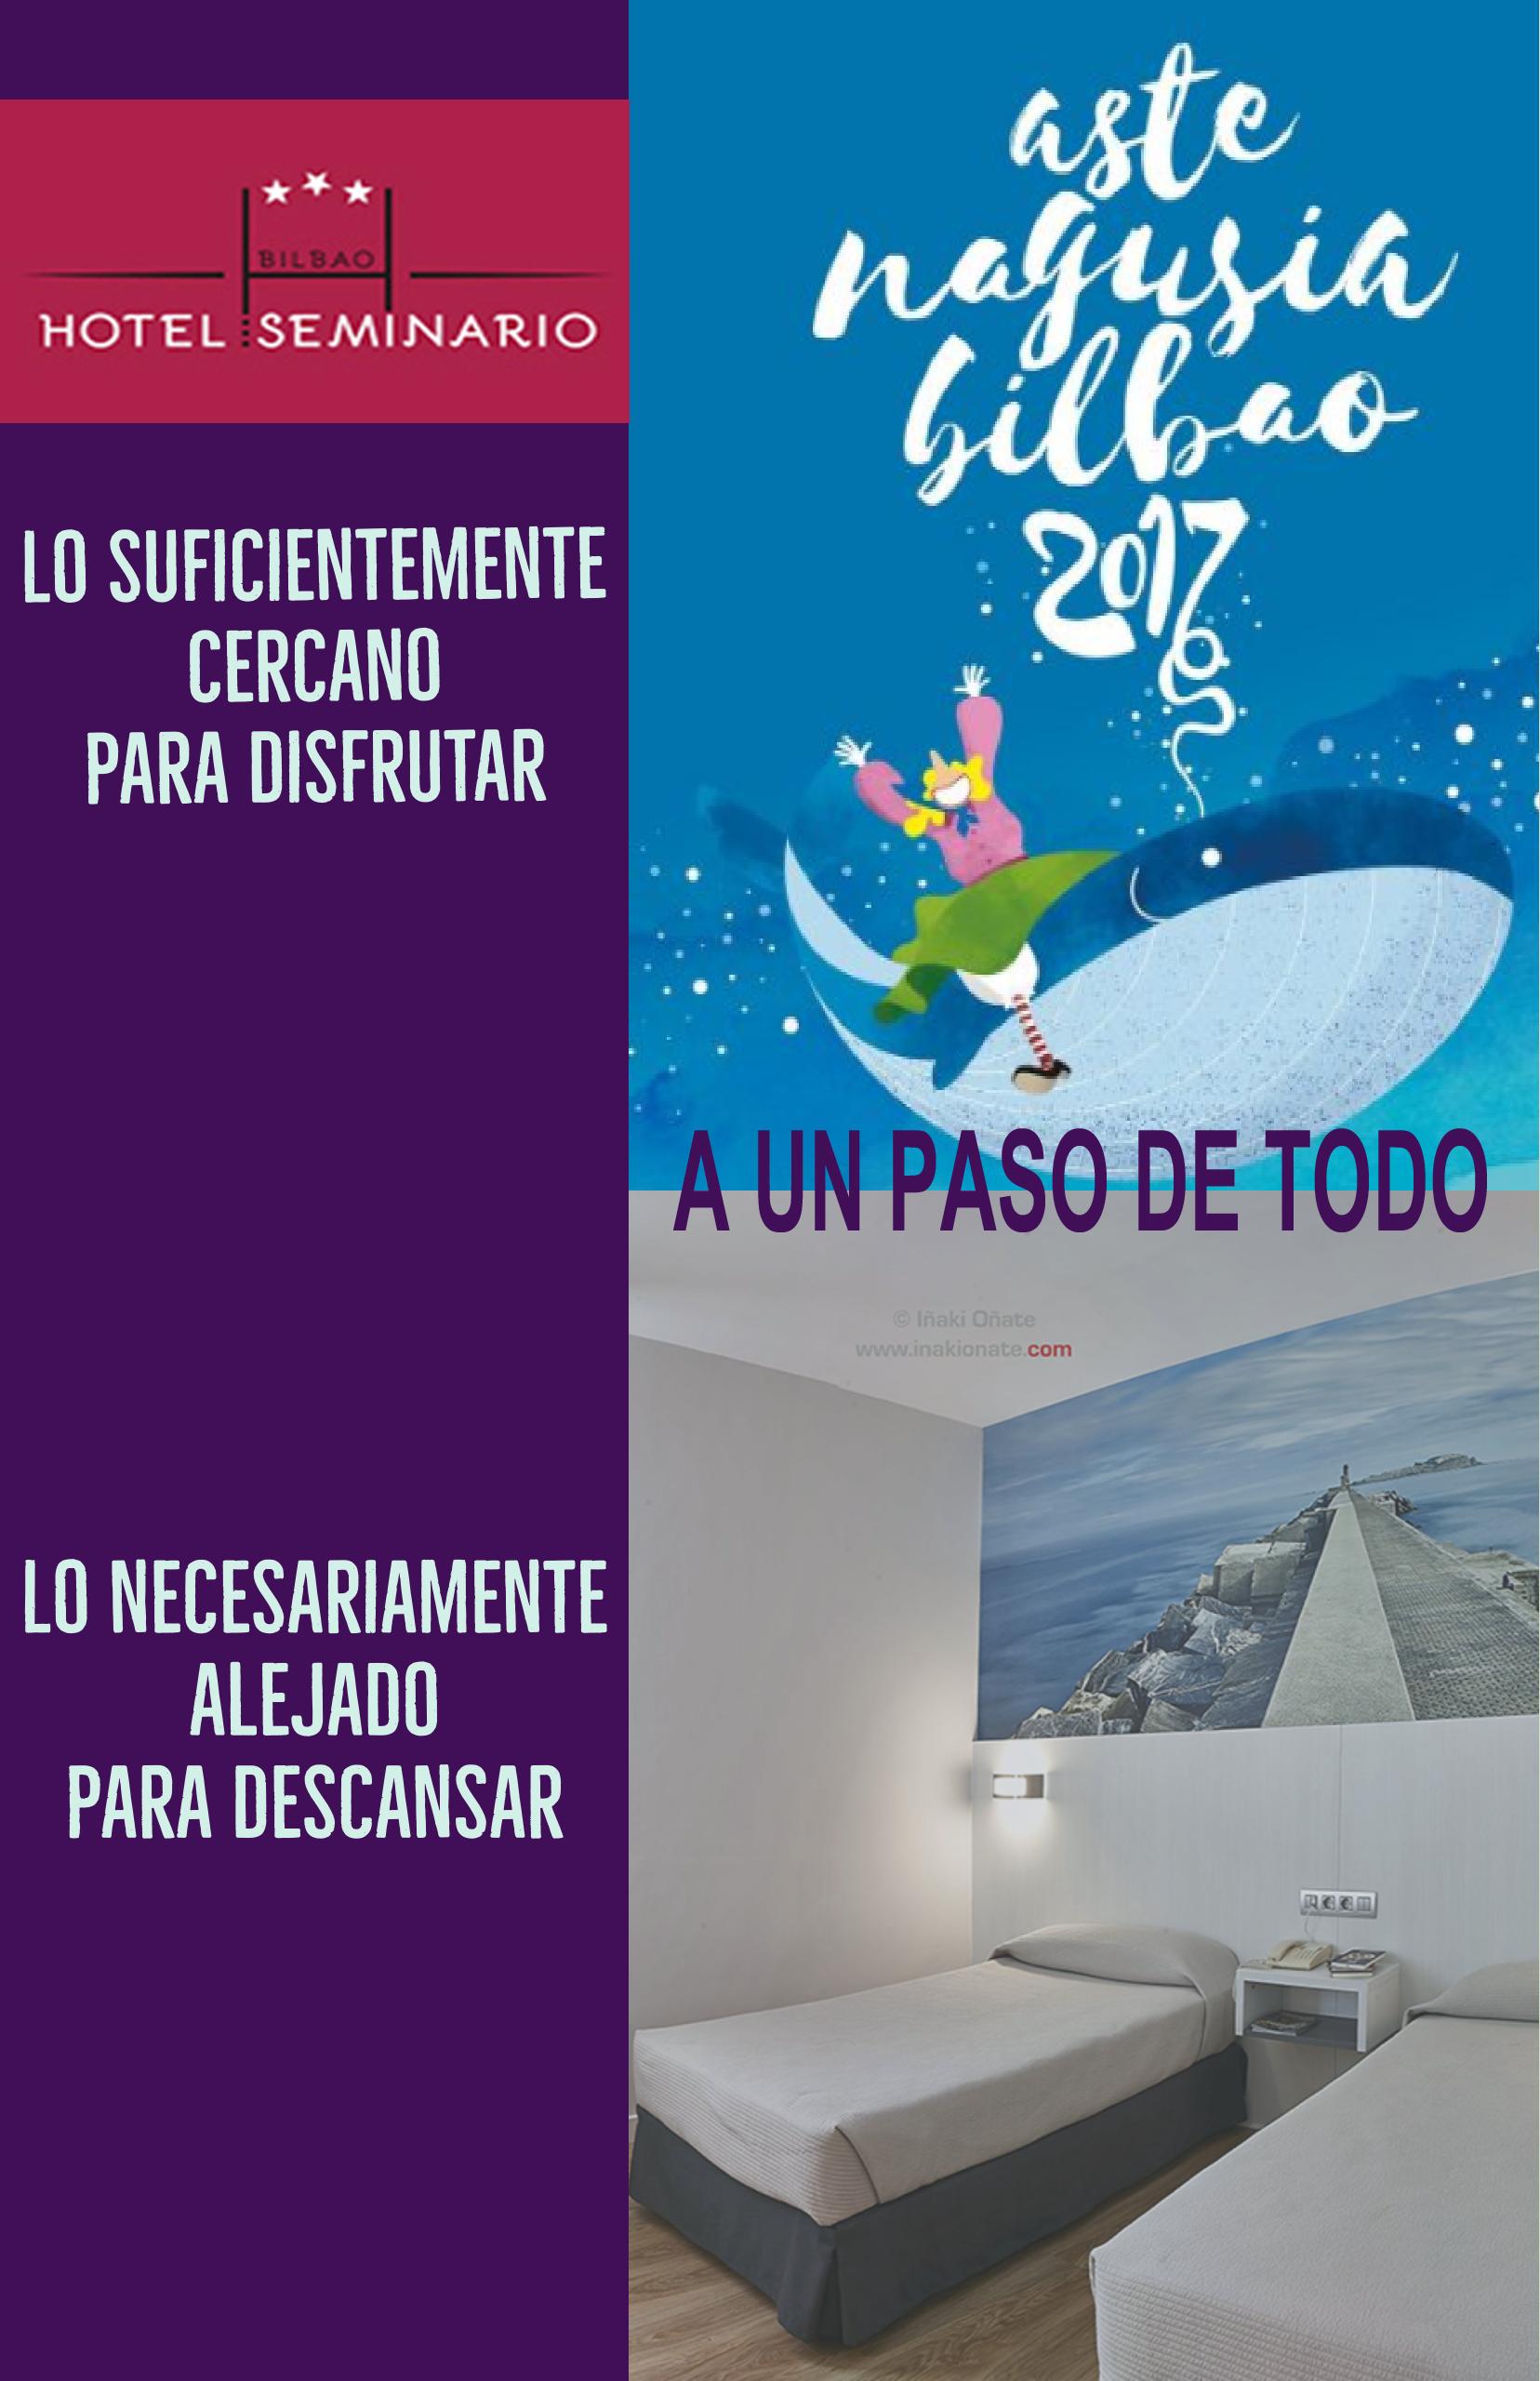 Hotel Seminario Bilbao, a un paso de todo